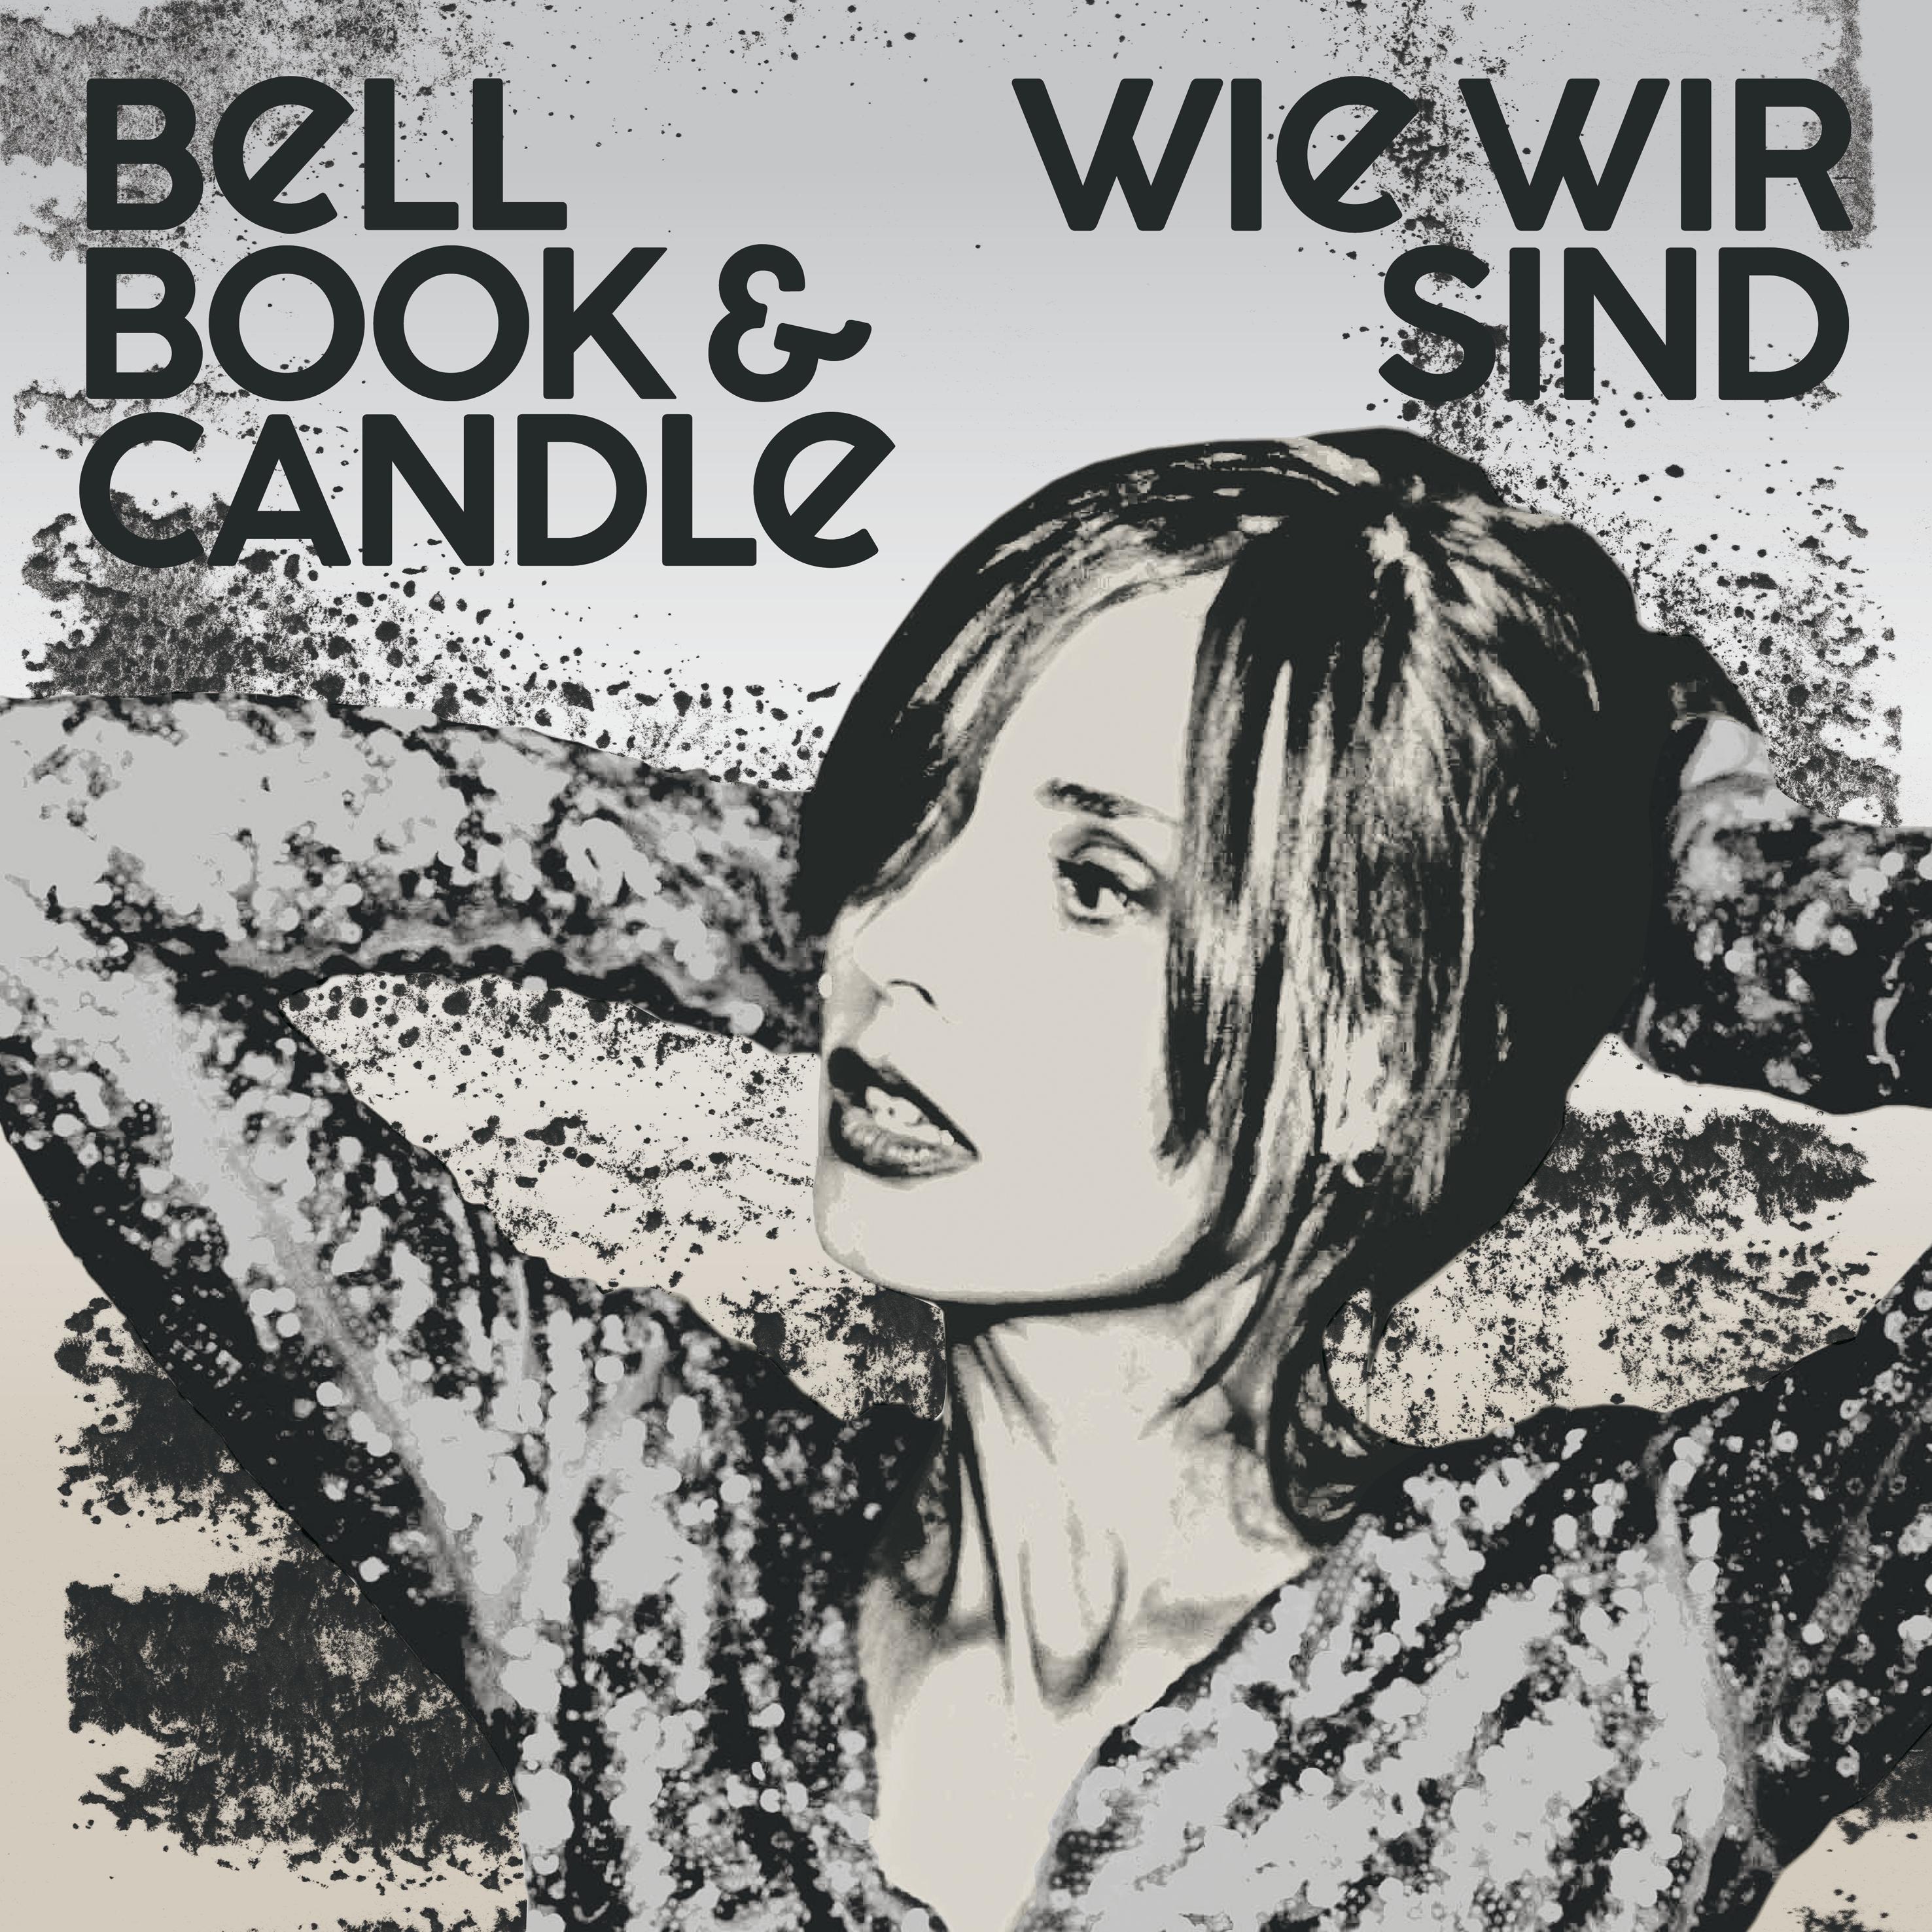 Bell, Book & Candle_Wie wir sind_Album